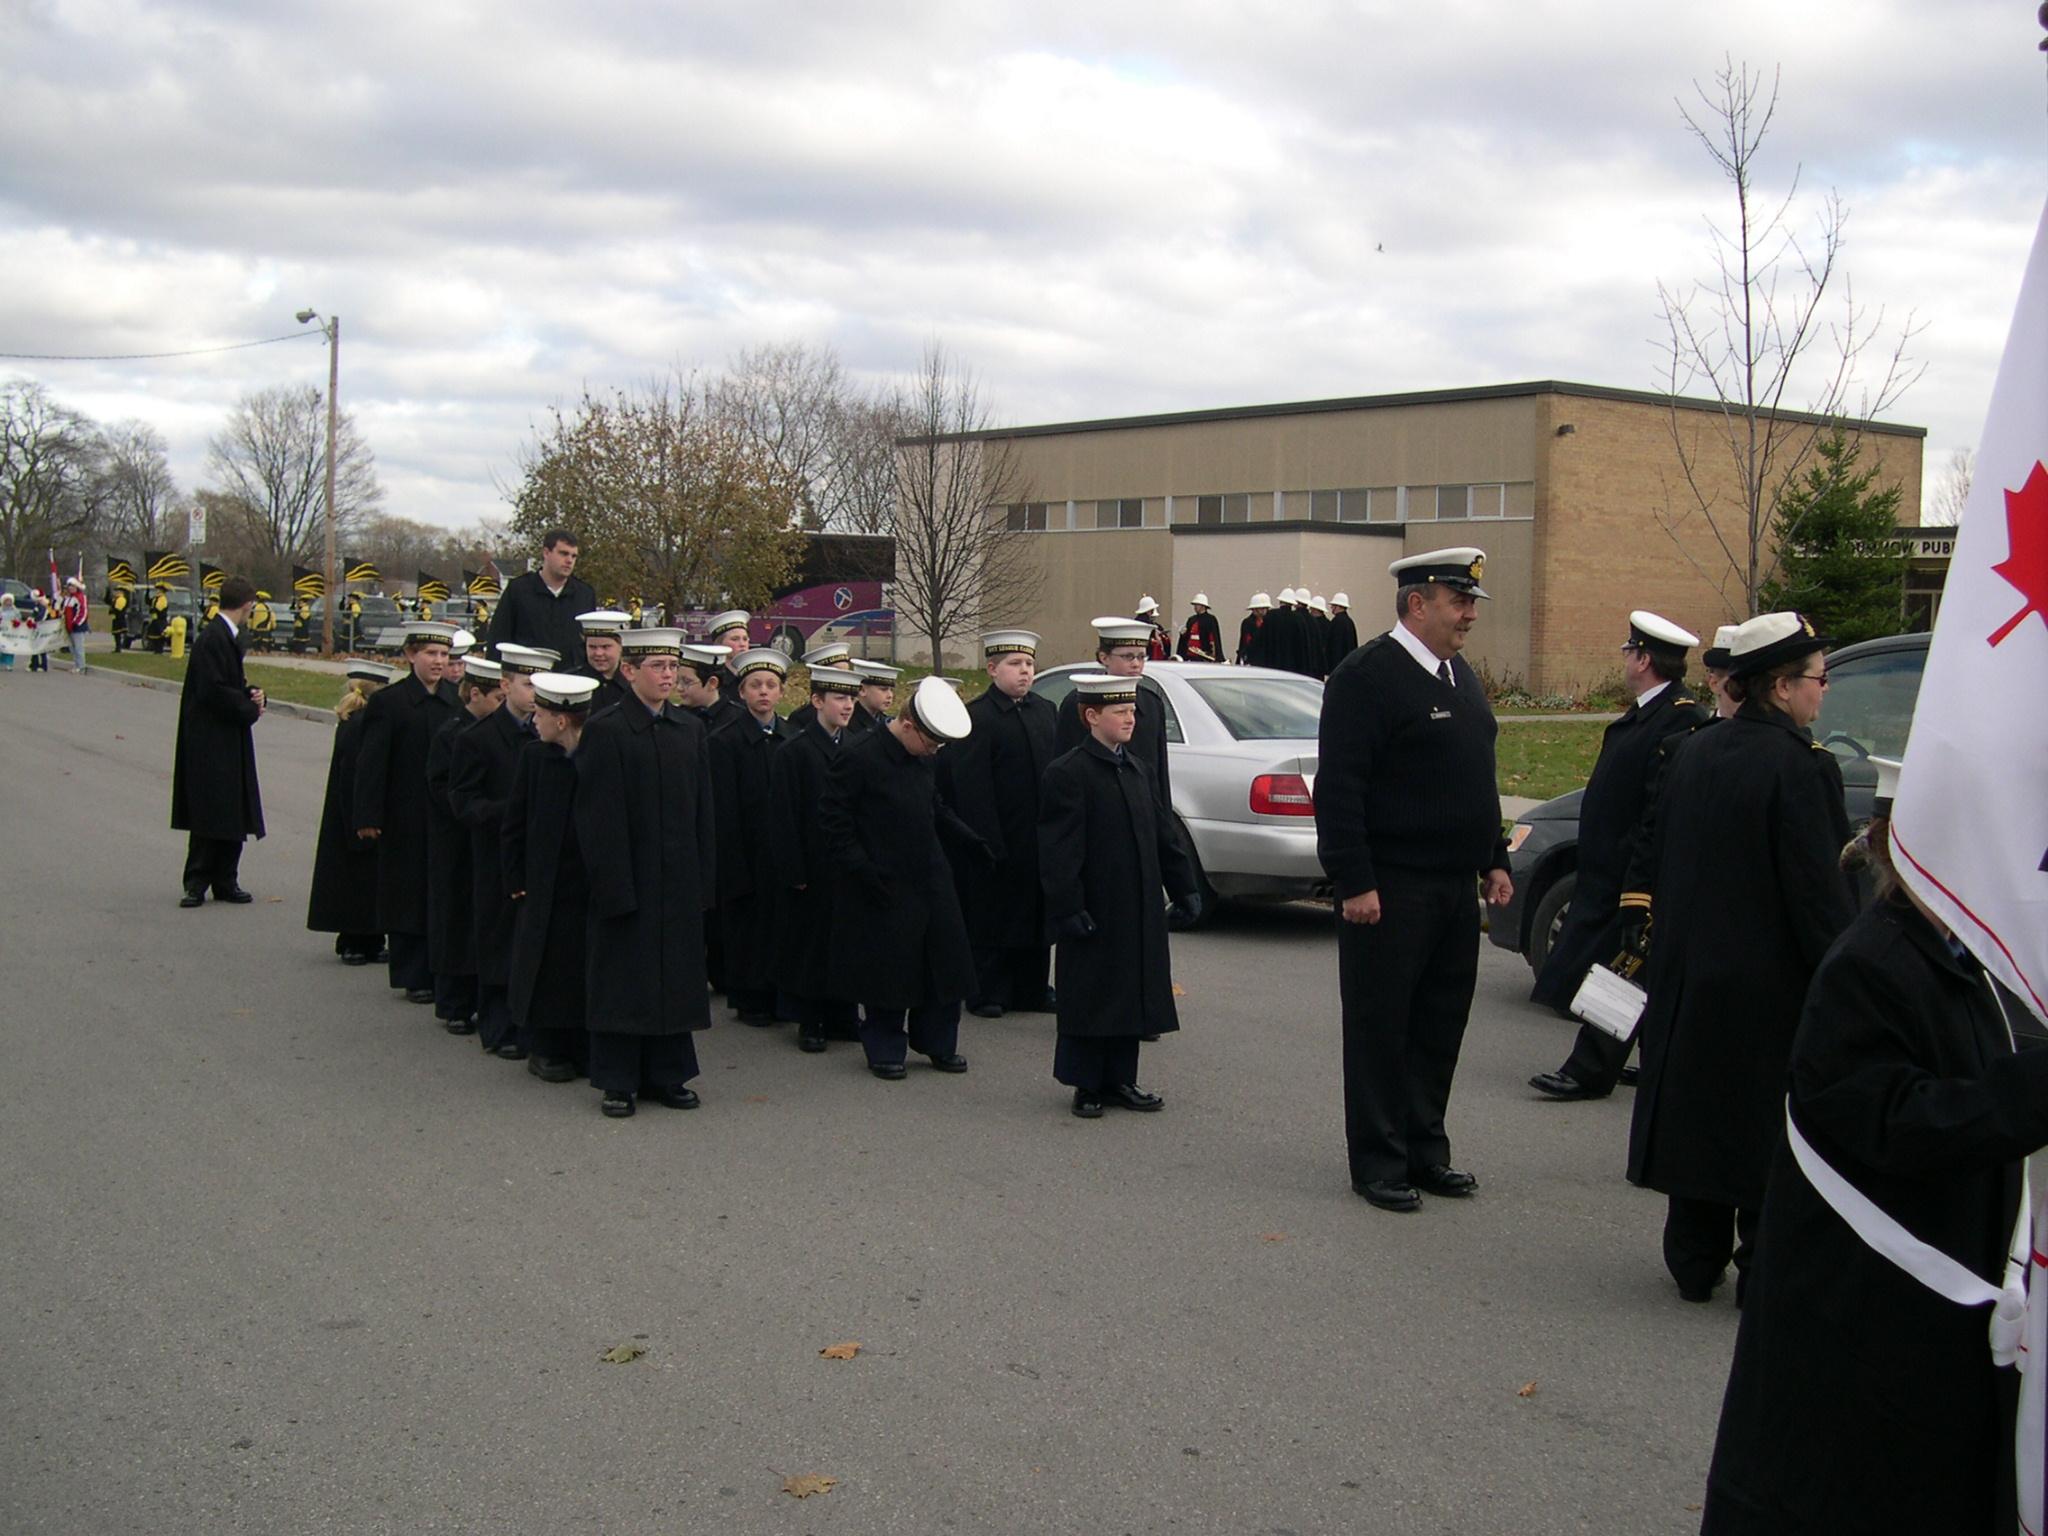 04-11-21 Cobourg Santa Claus Parade, Photo 06